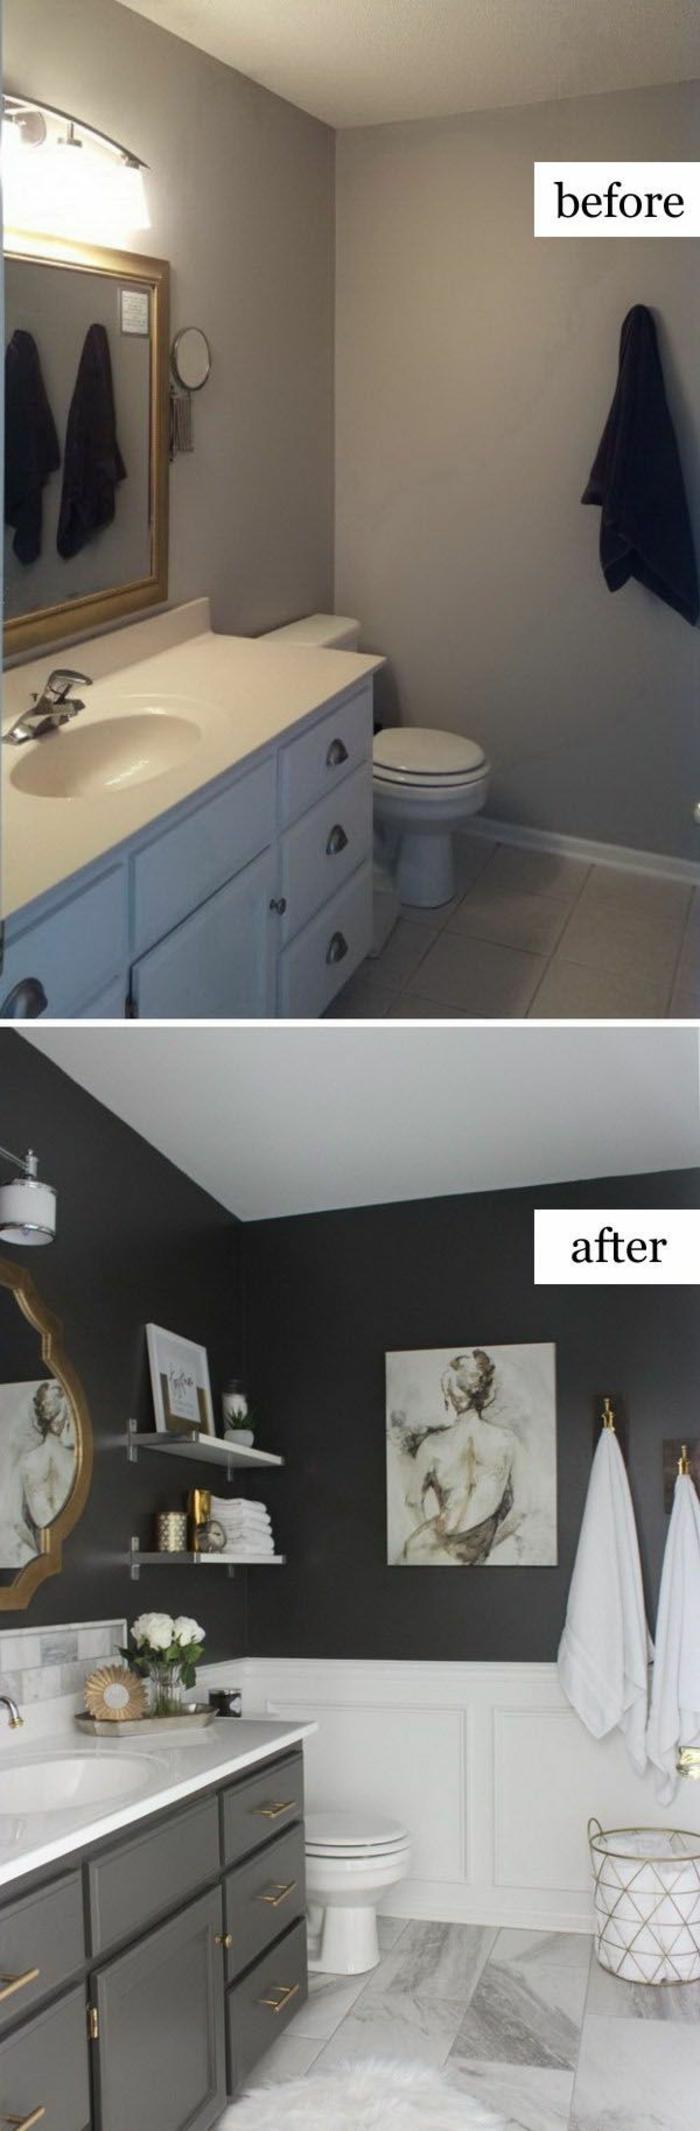 astuces comment choisir une couleur pour agrandir une pièce